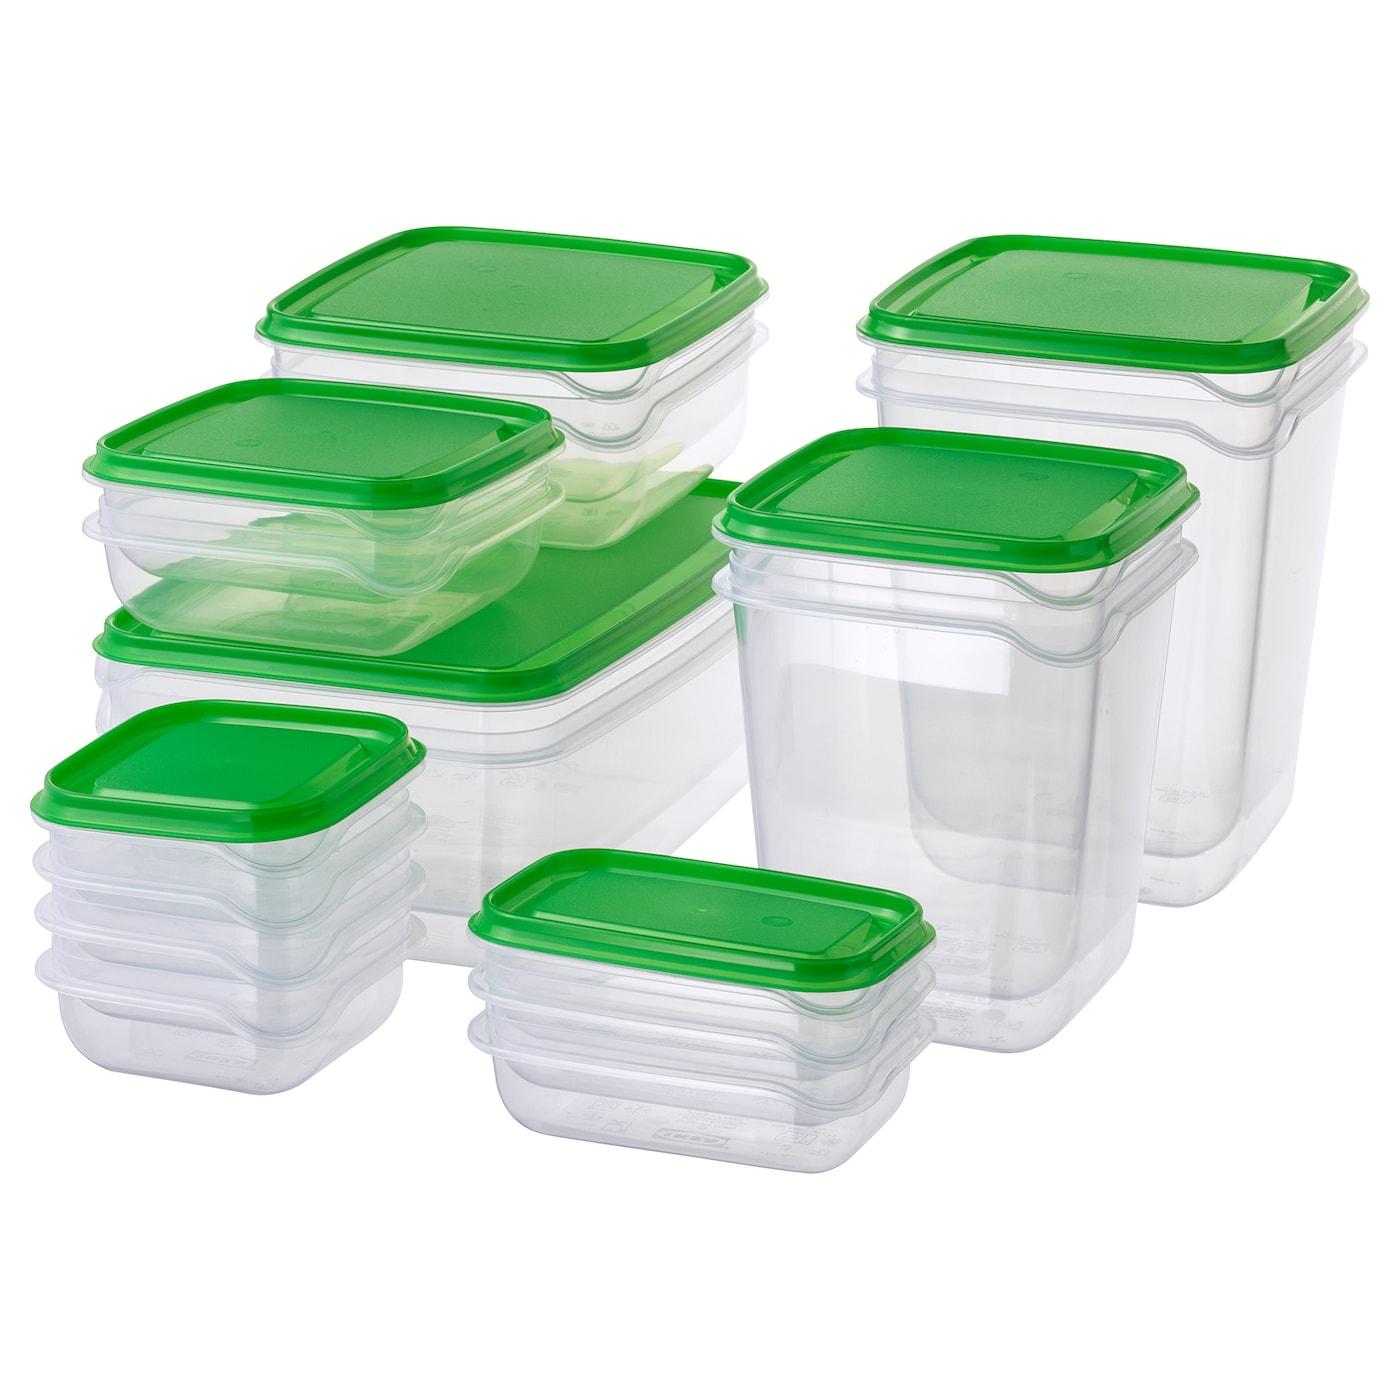 PRUTA Boîtes de conservation, 17 pièces, transparent, vert